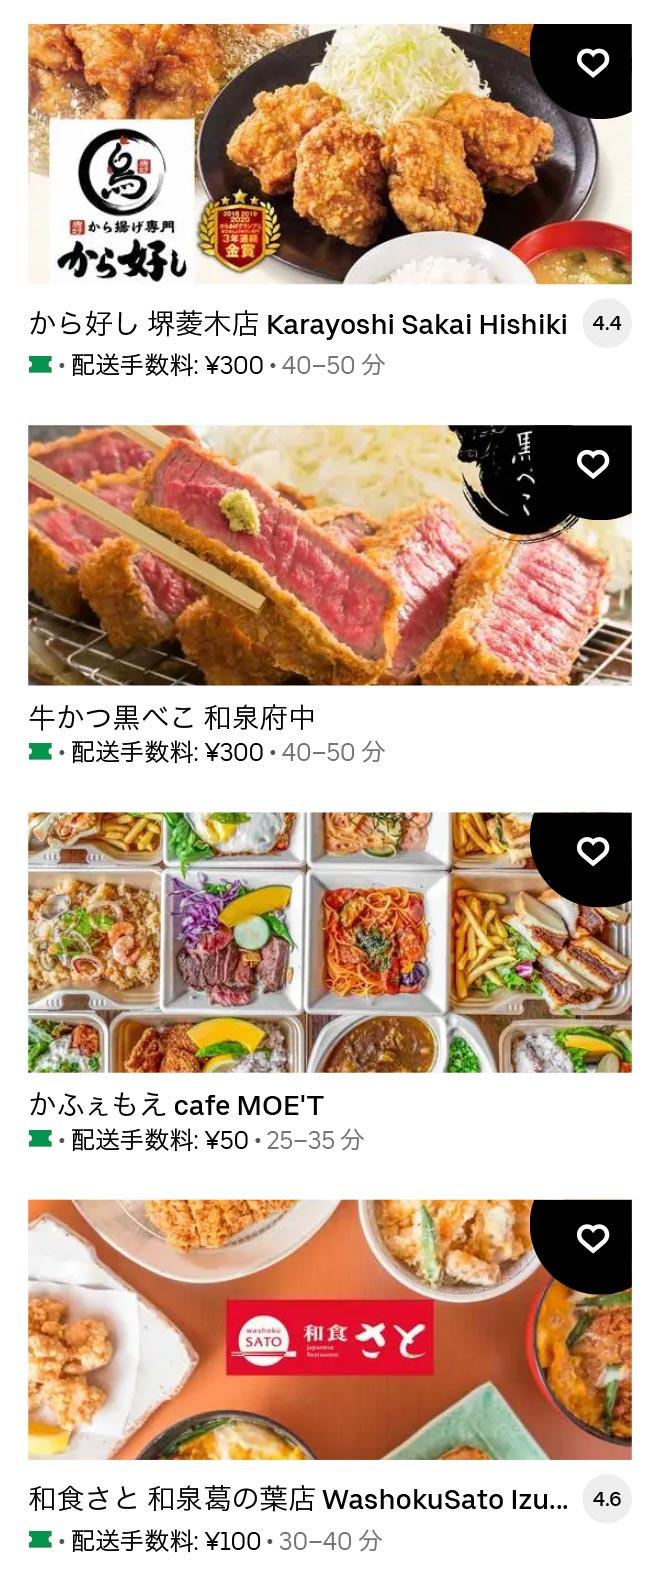 U kitashinoda 2105 10